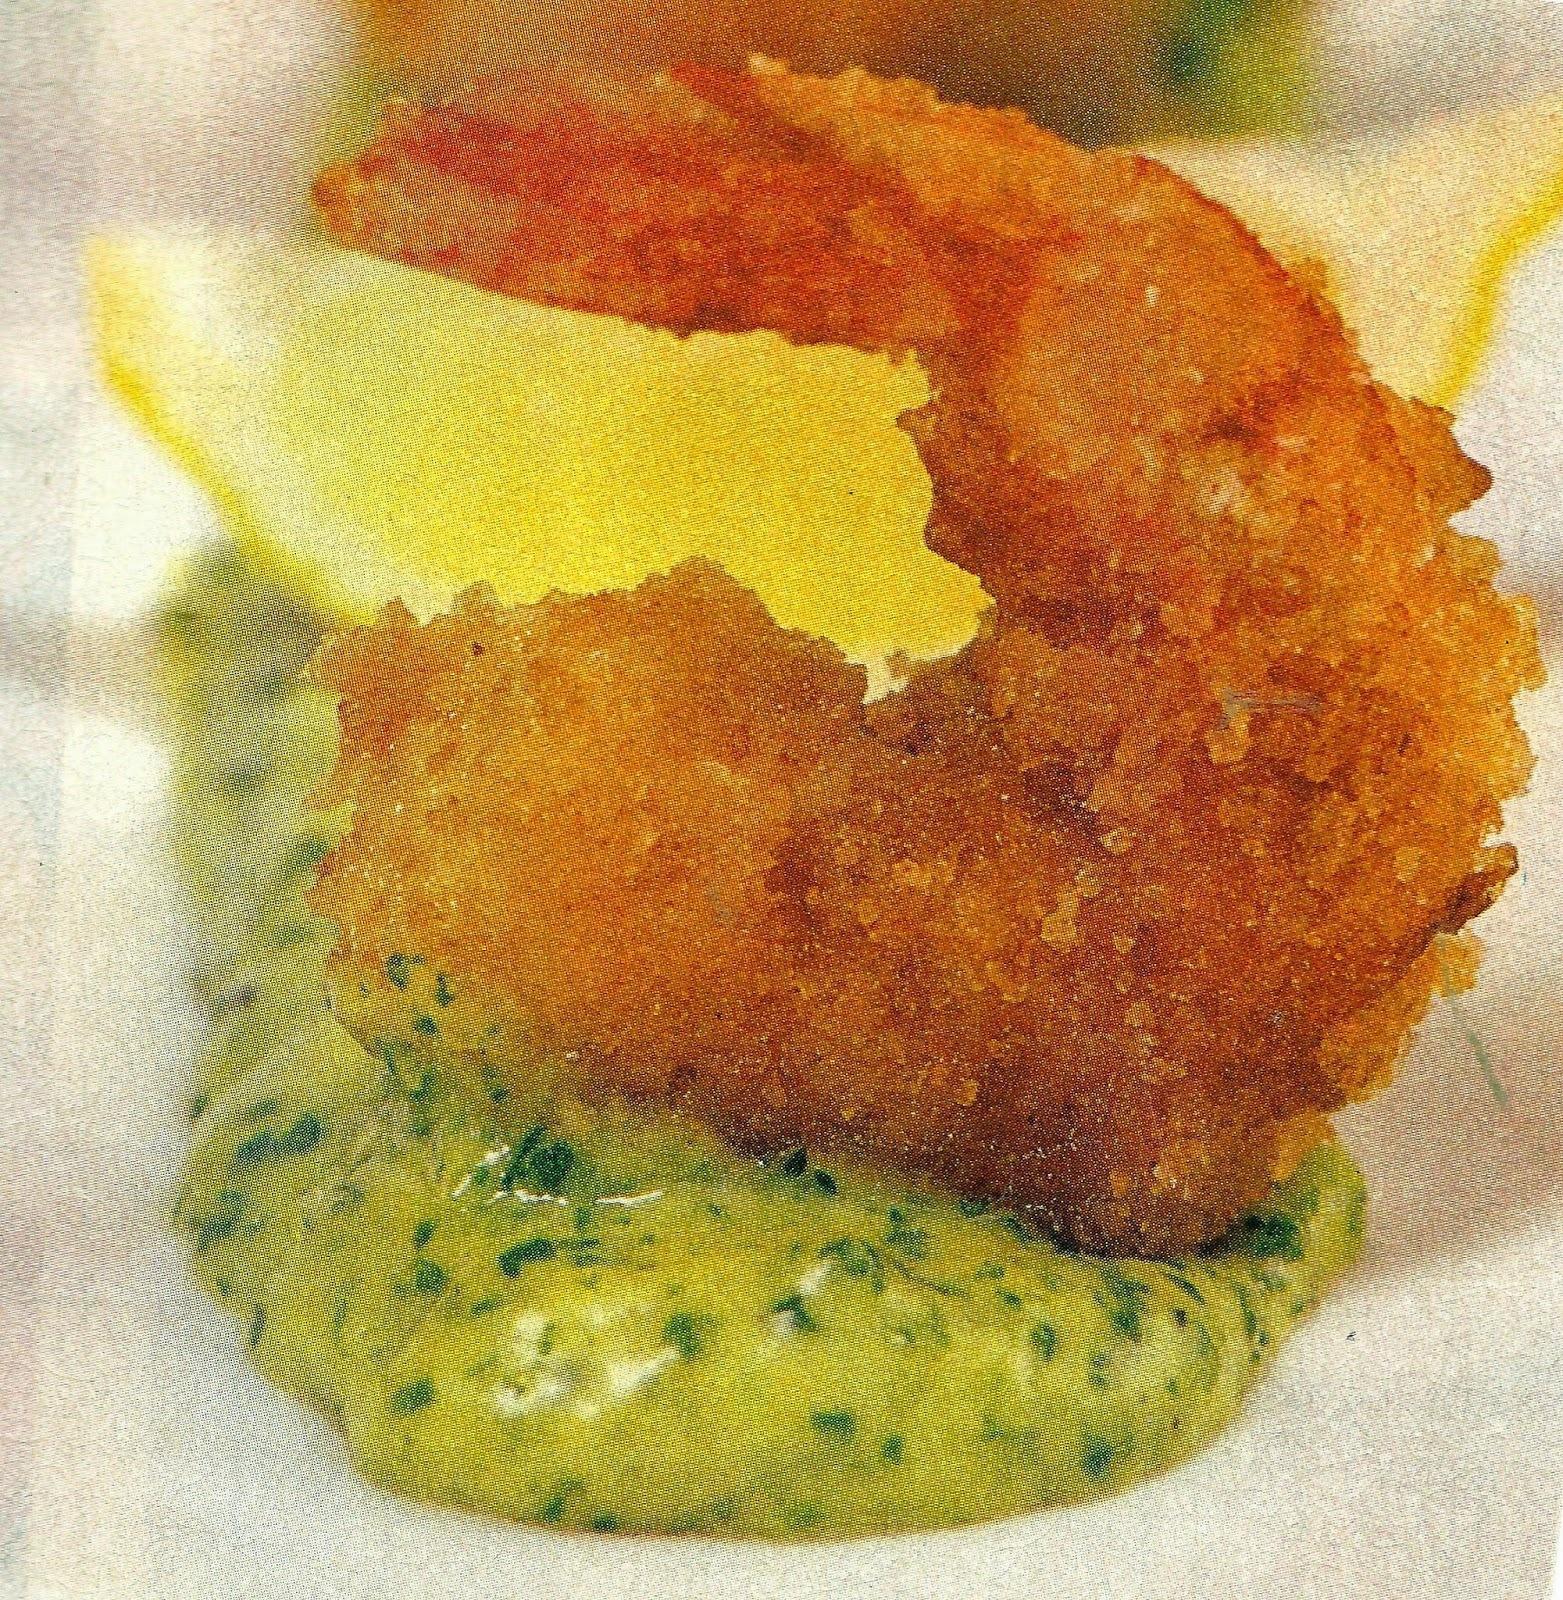 Camarones apanados al horno con dip de cilantro